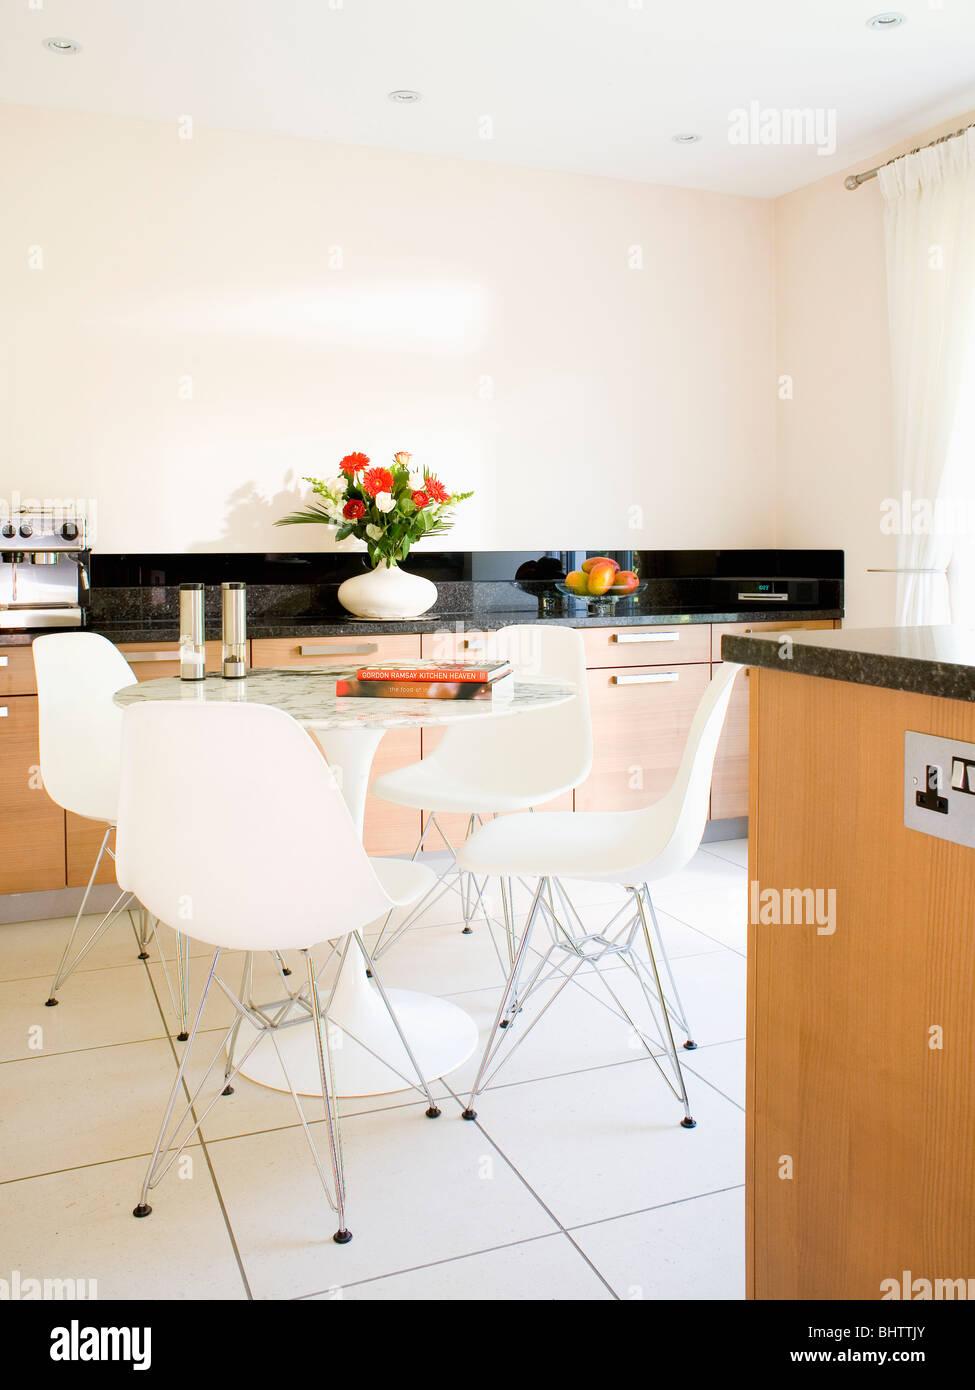 Bezaubernd Küchen Und Esszimmerstühle Dekoration Von Weiß Charles Eames Dsr Esszimmerstühle In Moderne